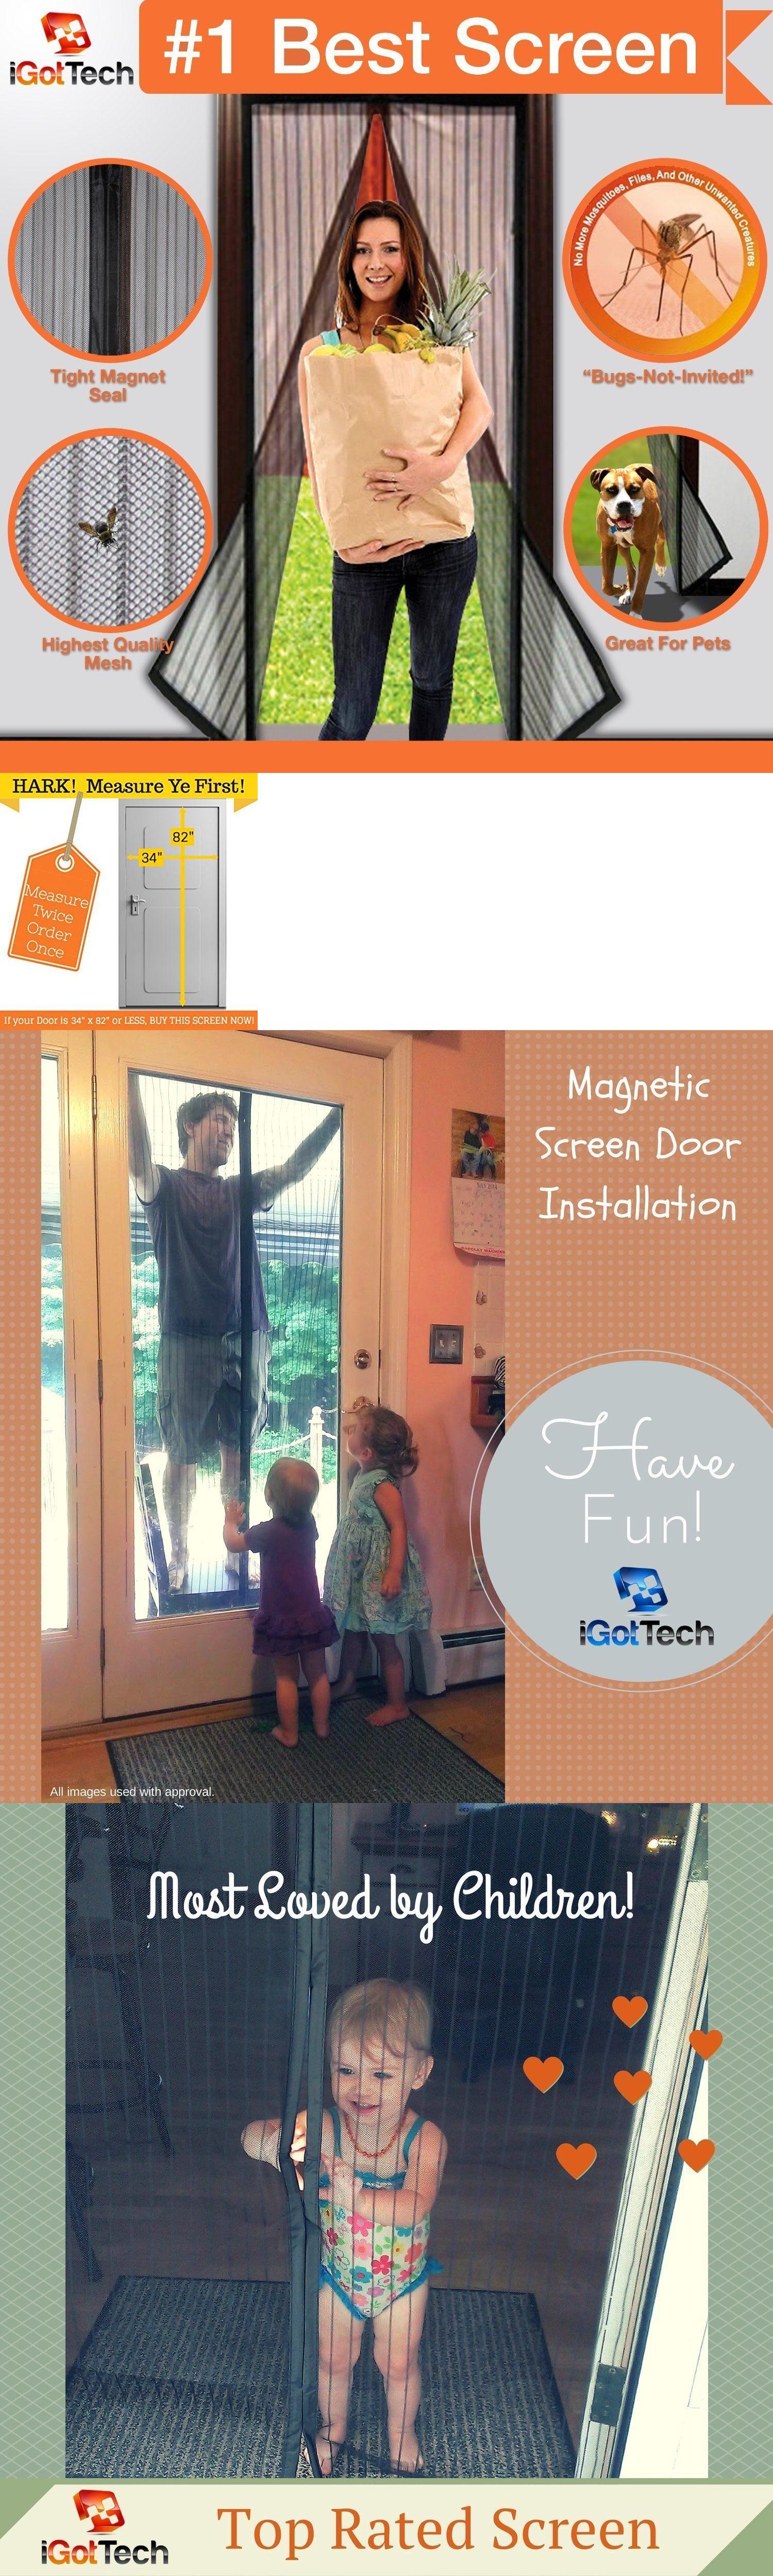 Screen Doors 180968 Magnetic Screen Door Full Frame Velcro 26